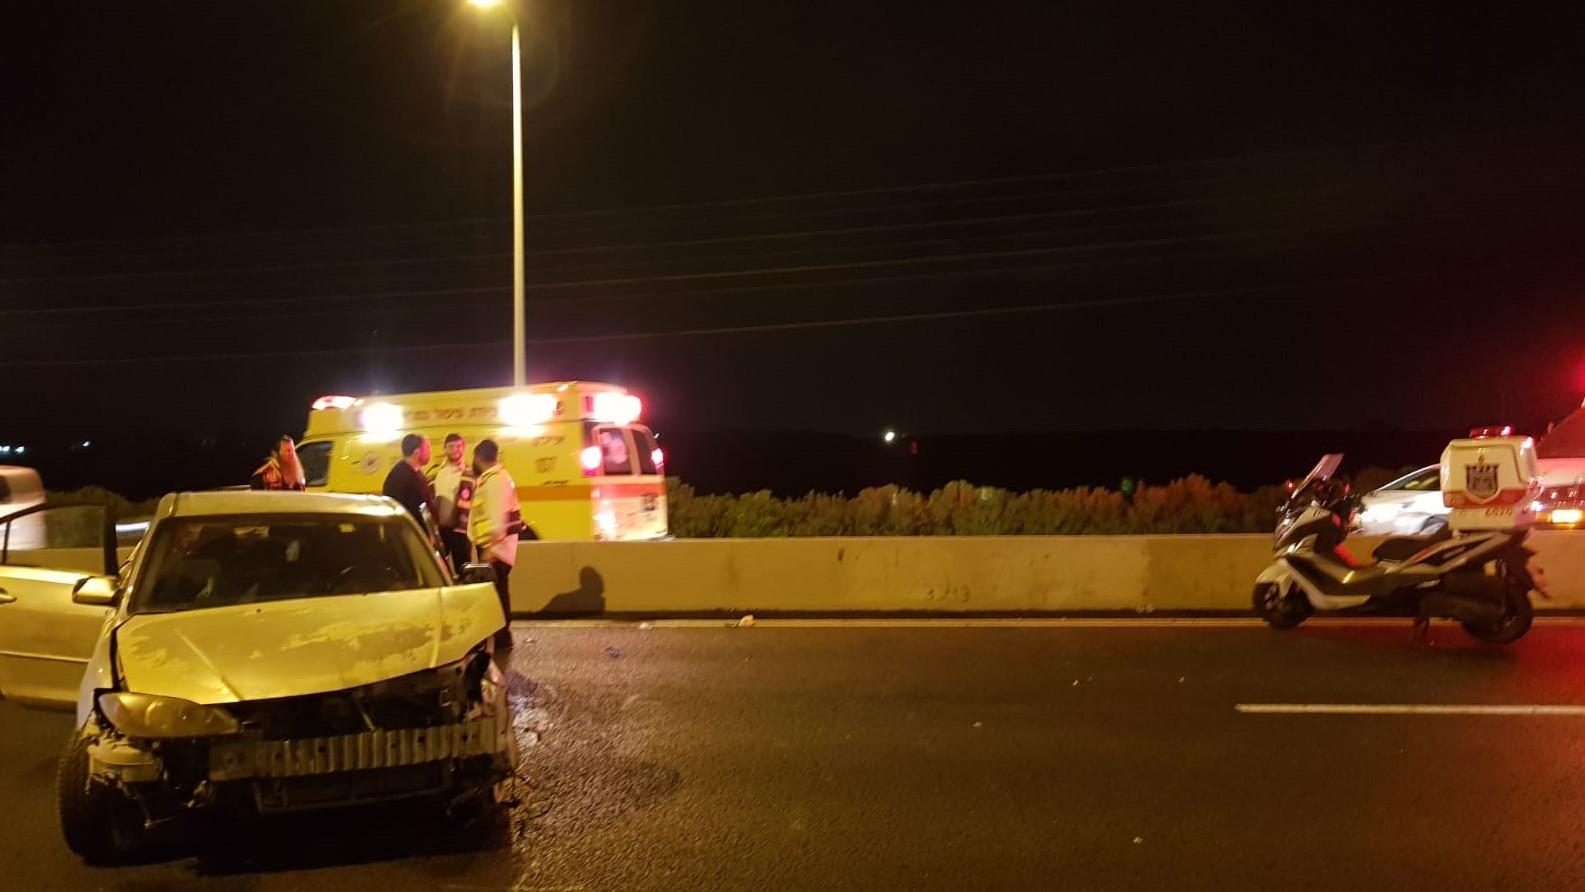 4 פצועים בתאונה בכביש 1 סמוך למחלף לטרון